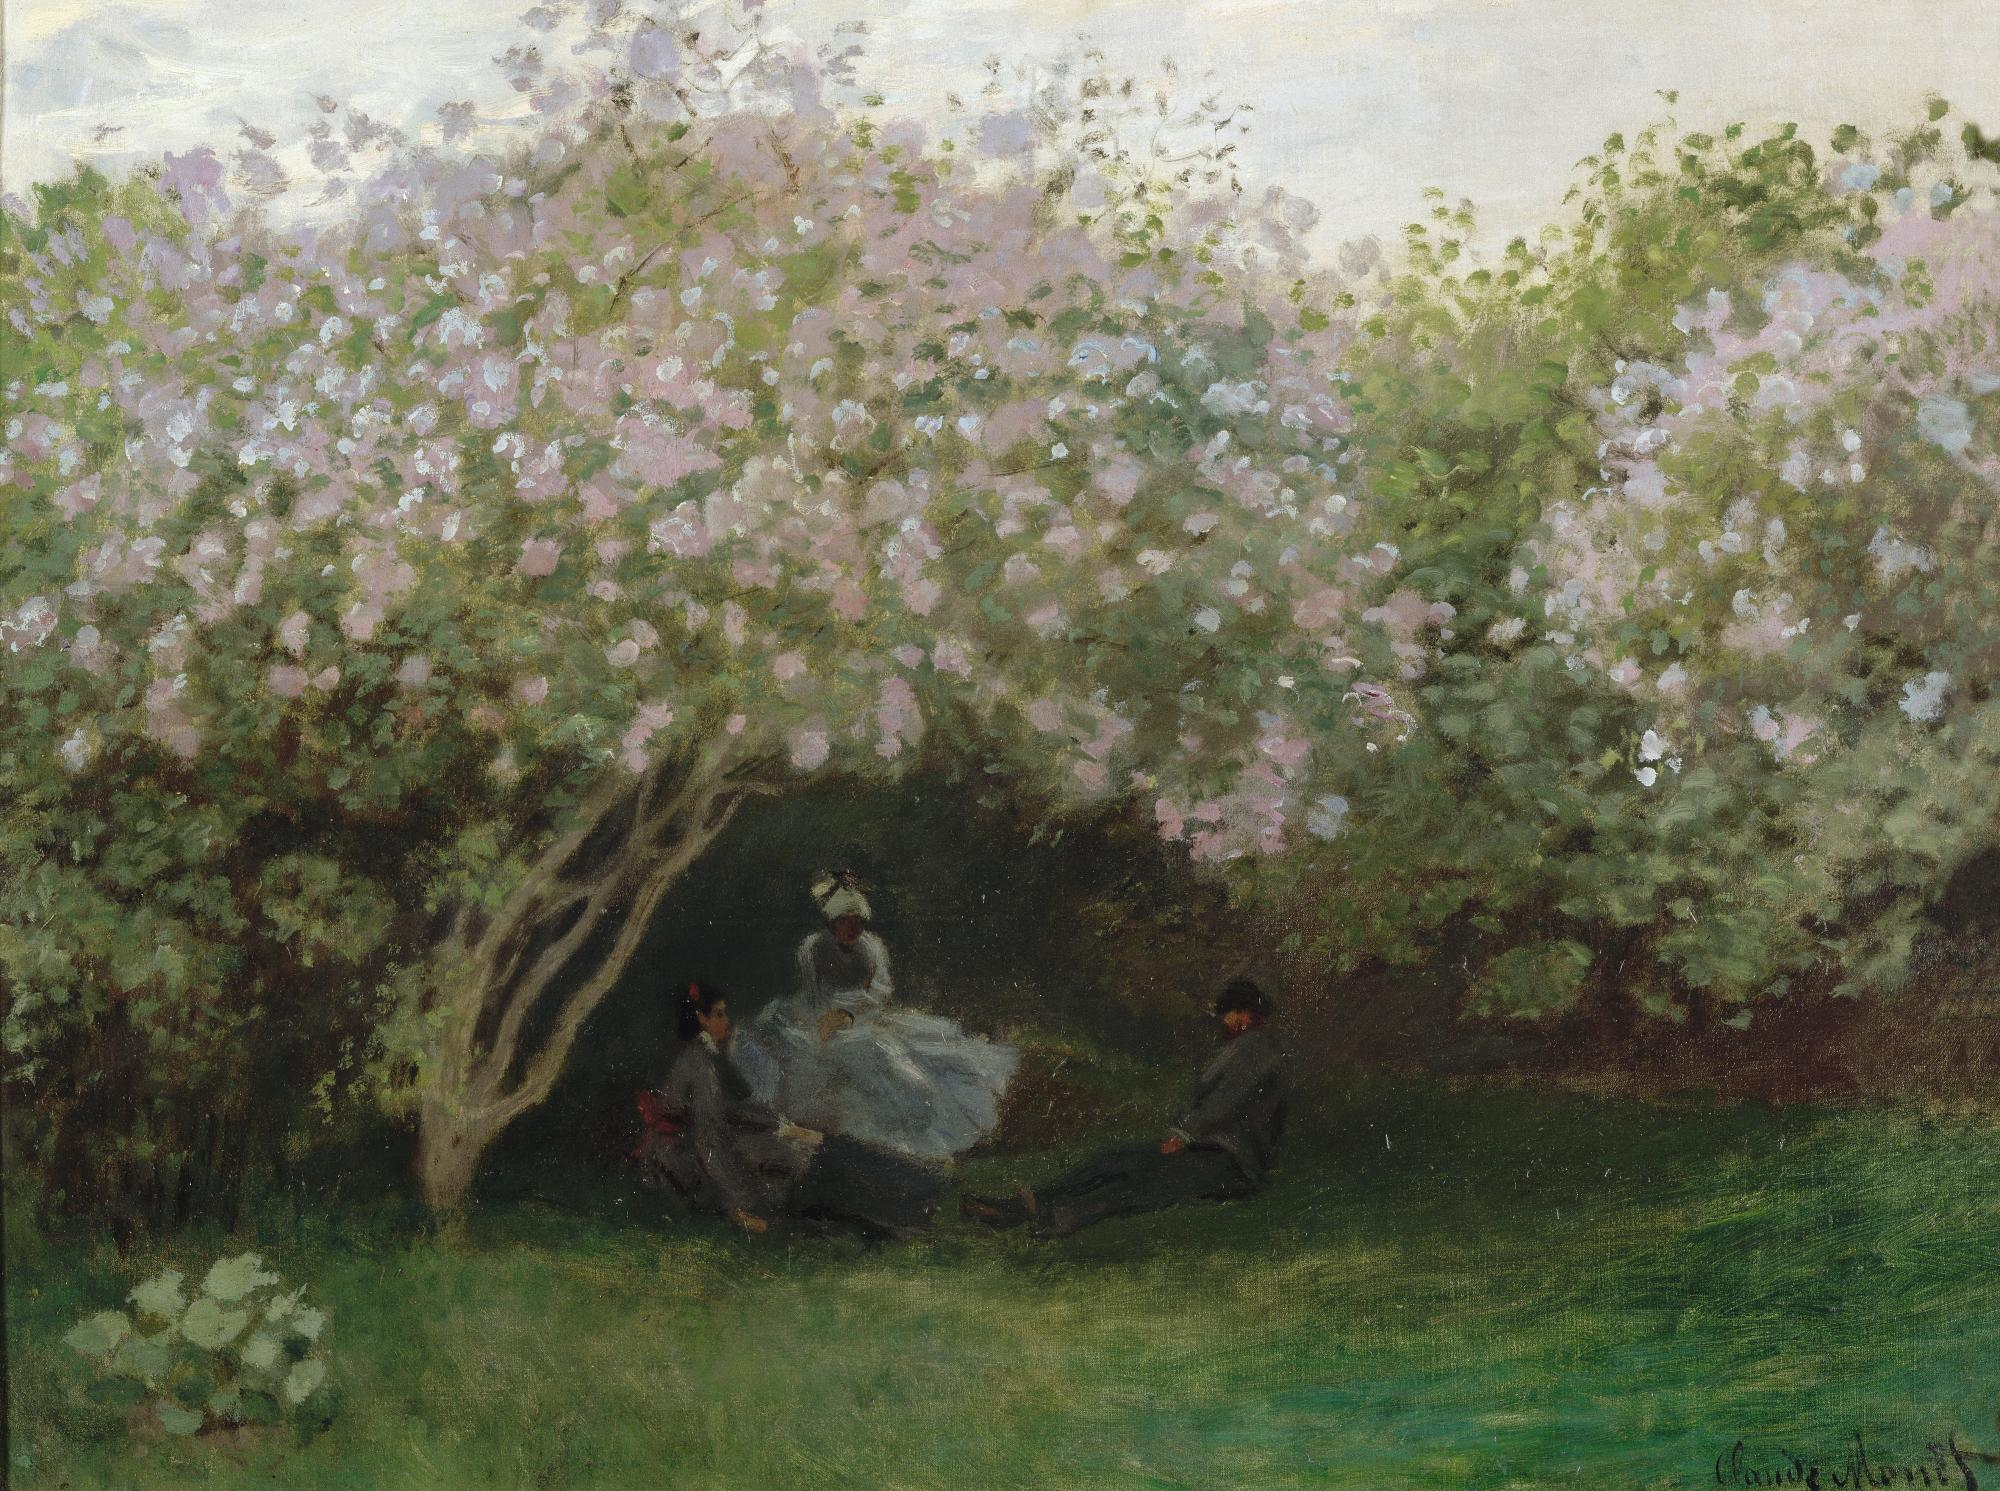 Figura 2. Claude Monet, Le repos sous les lilas